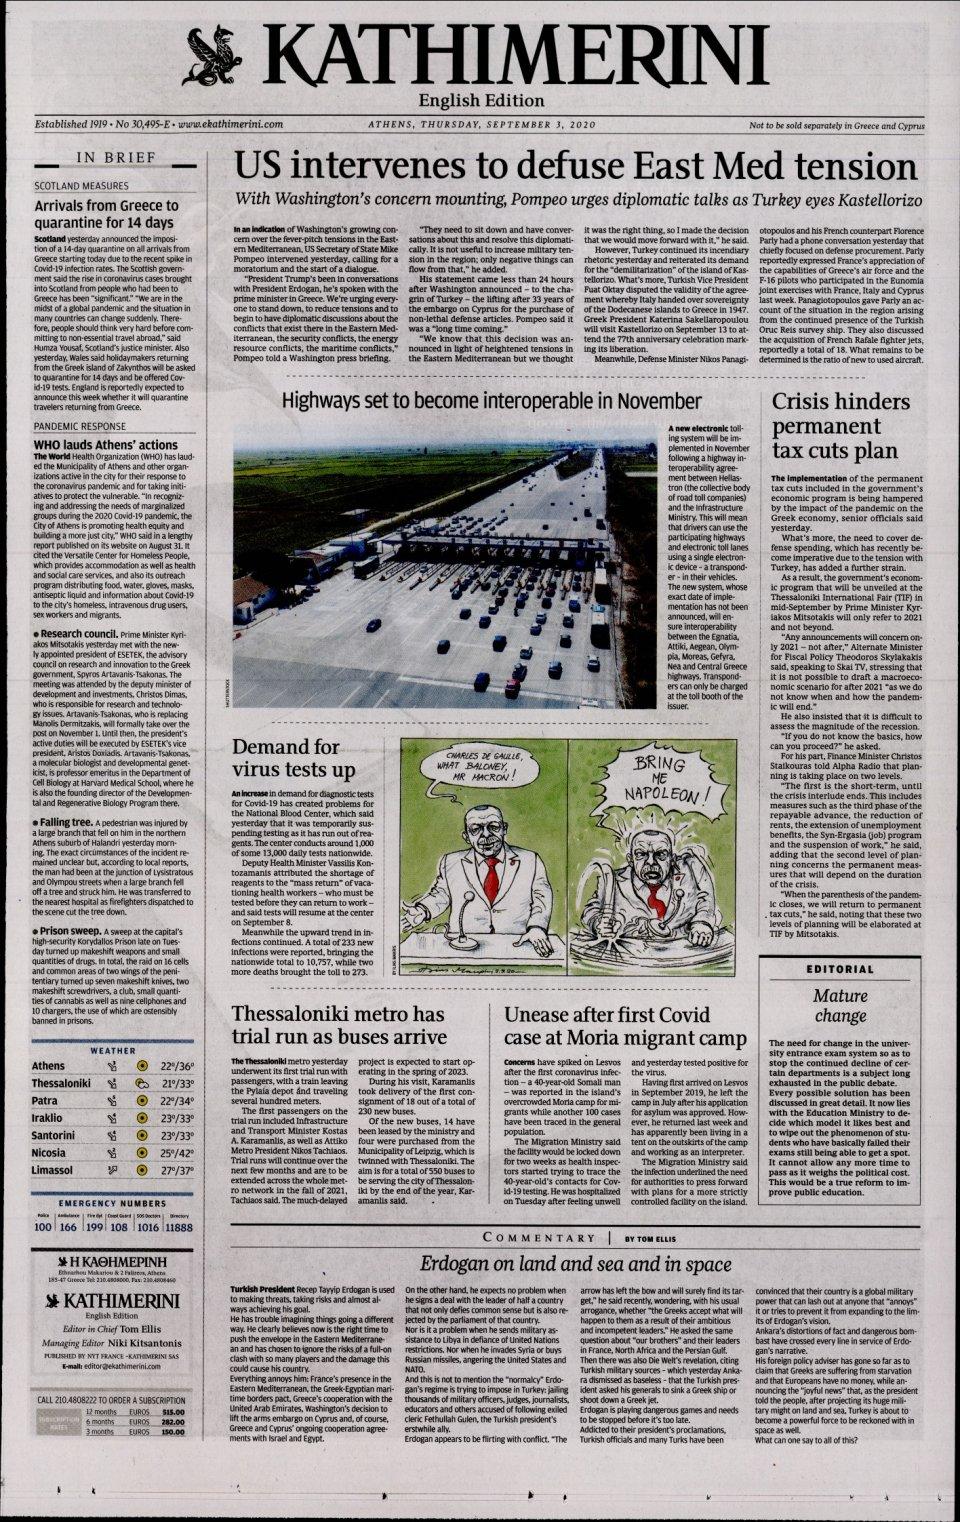 Πρωτοσέλιδο Εφημερίδας - INTERNATIONAL NEW YORK TIMES_KATHIMERINI - 2020-09-03